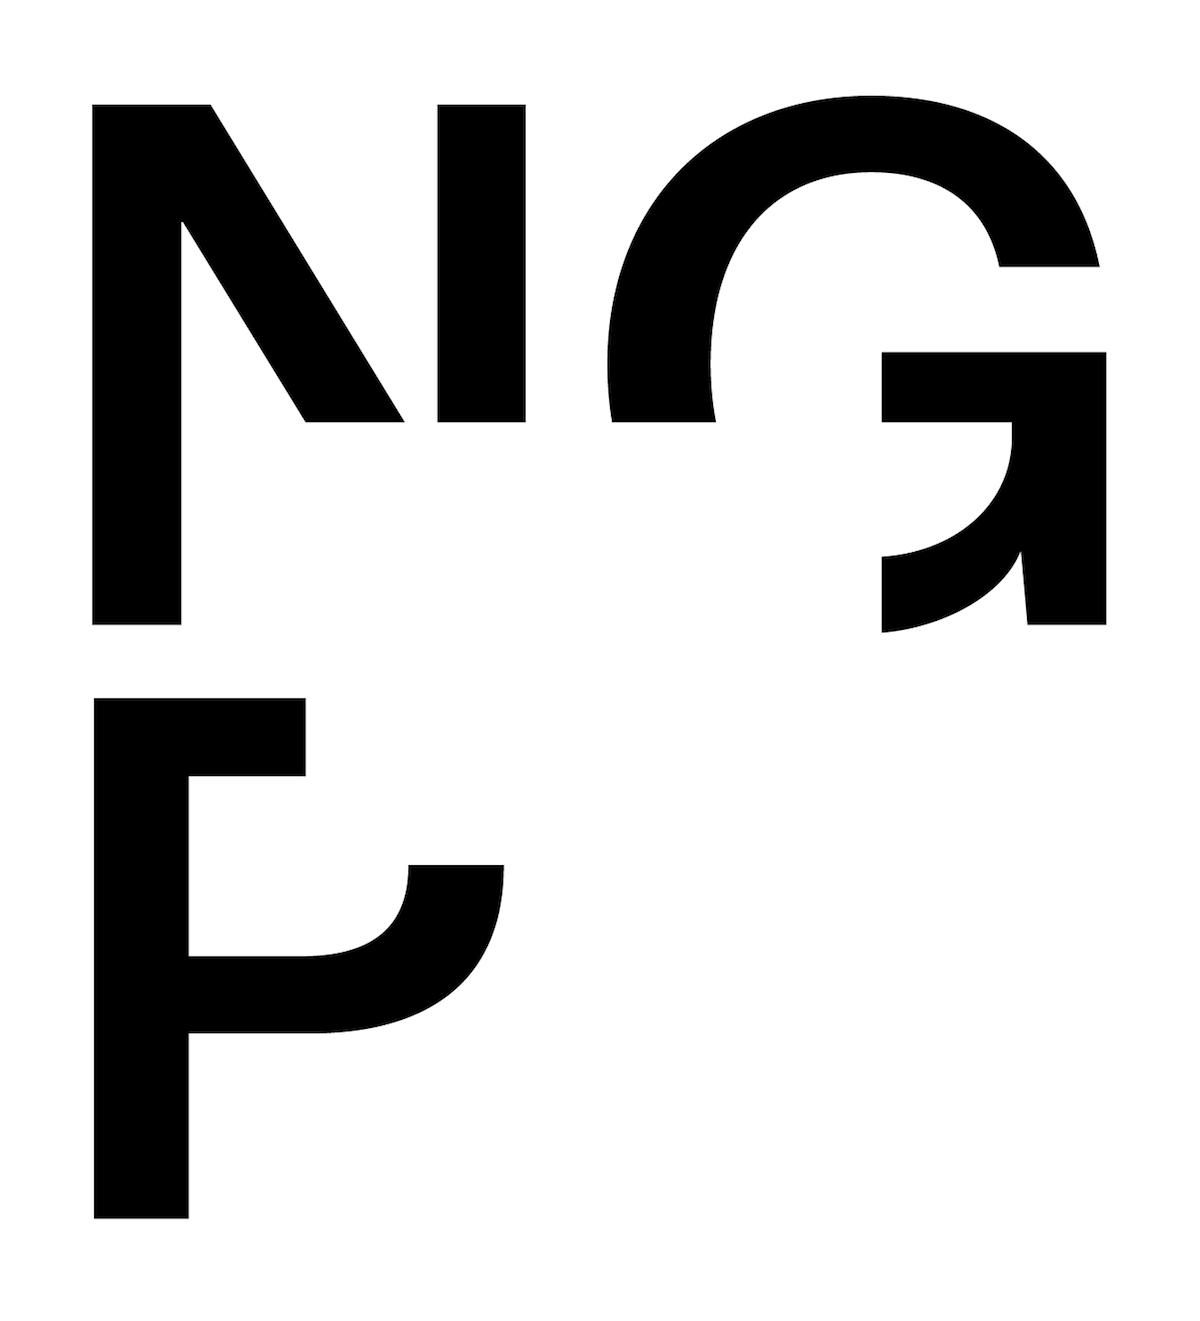 Vizuální identita zdílny Studia Najbrt je založena na výrazném logotypu, který vychází ze smyslu a poslání Národní galerie – prezentace umění.